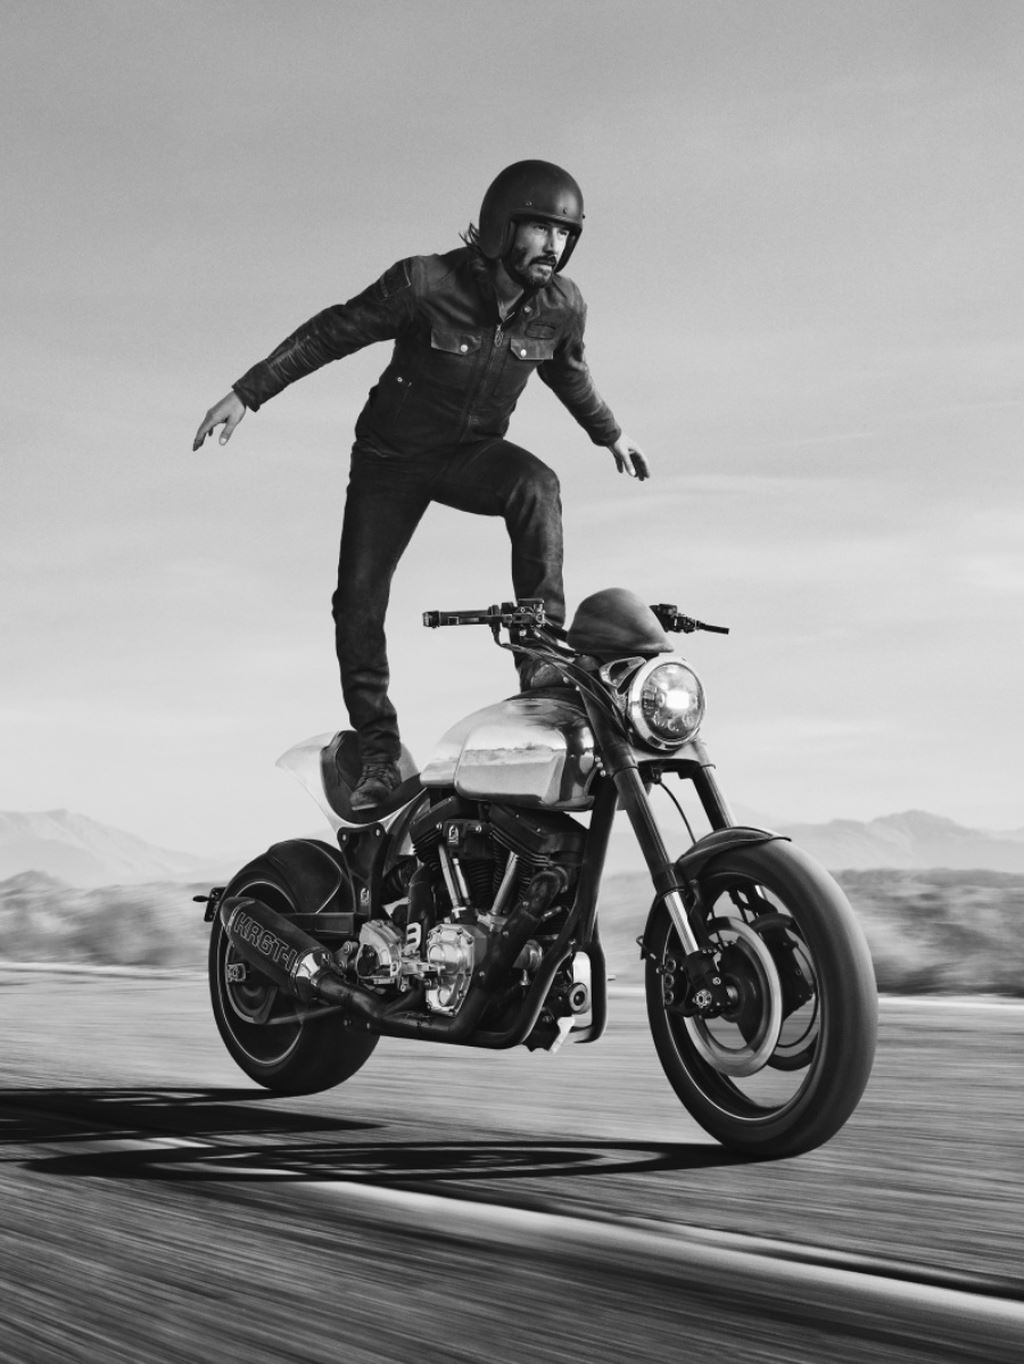 Sự thật sau clip diễn viên John Wick Keanu Reeves làm xiếc trên mô tô - Hình 5